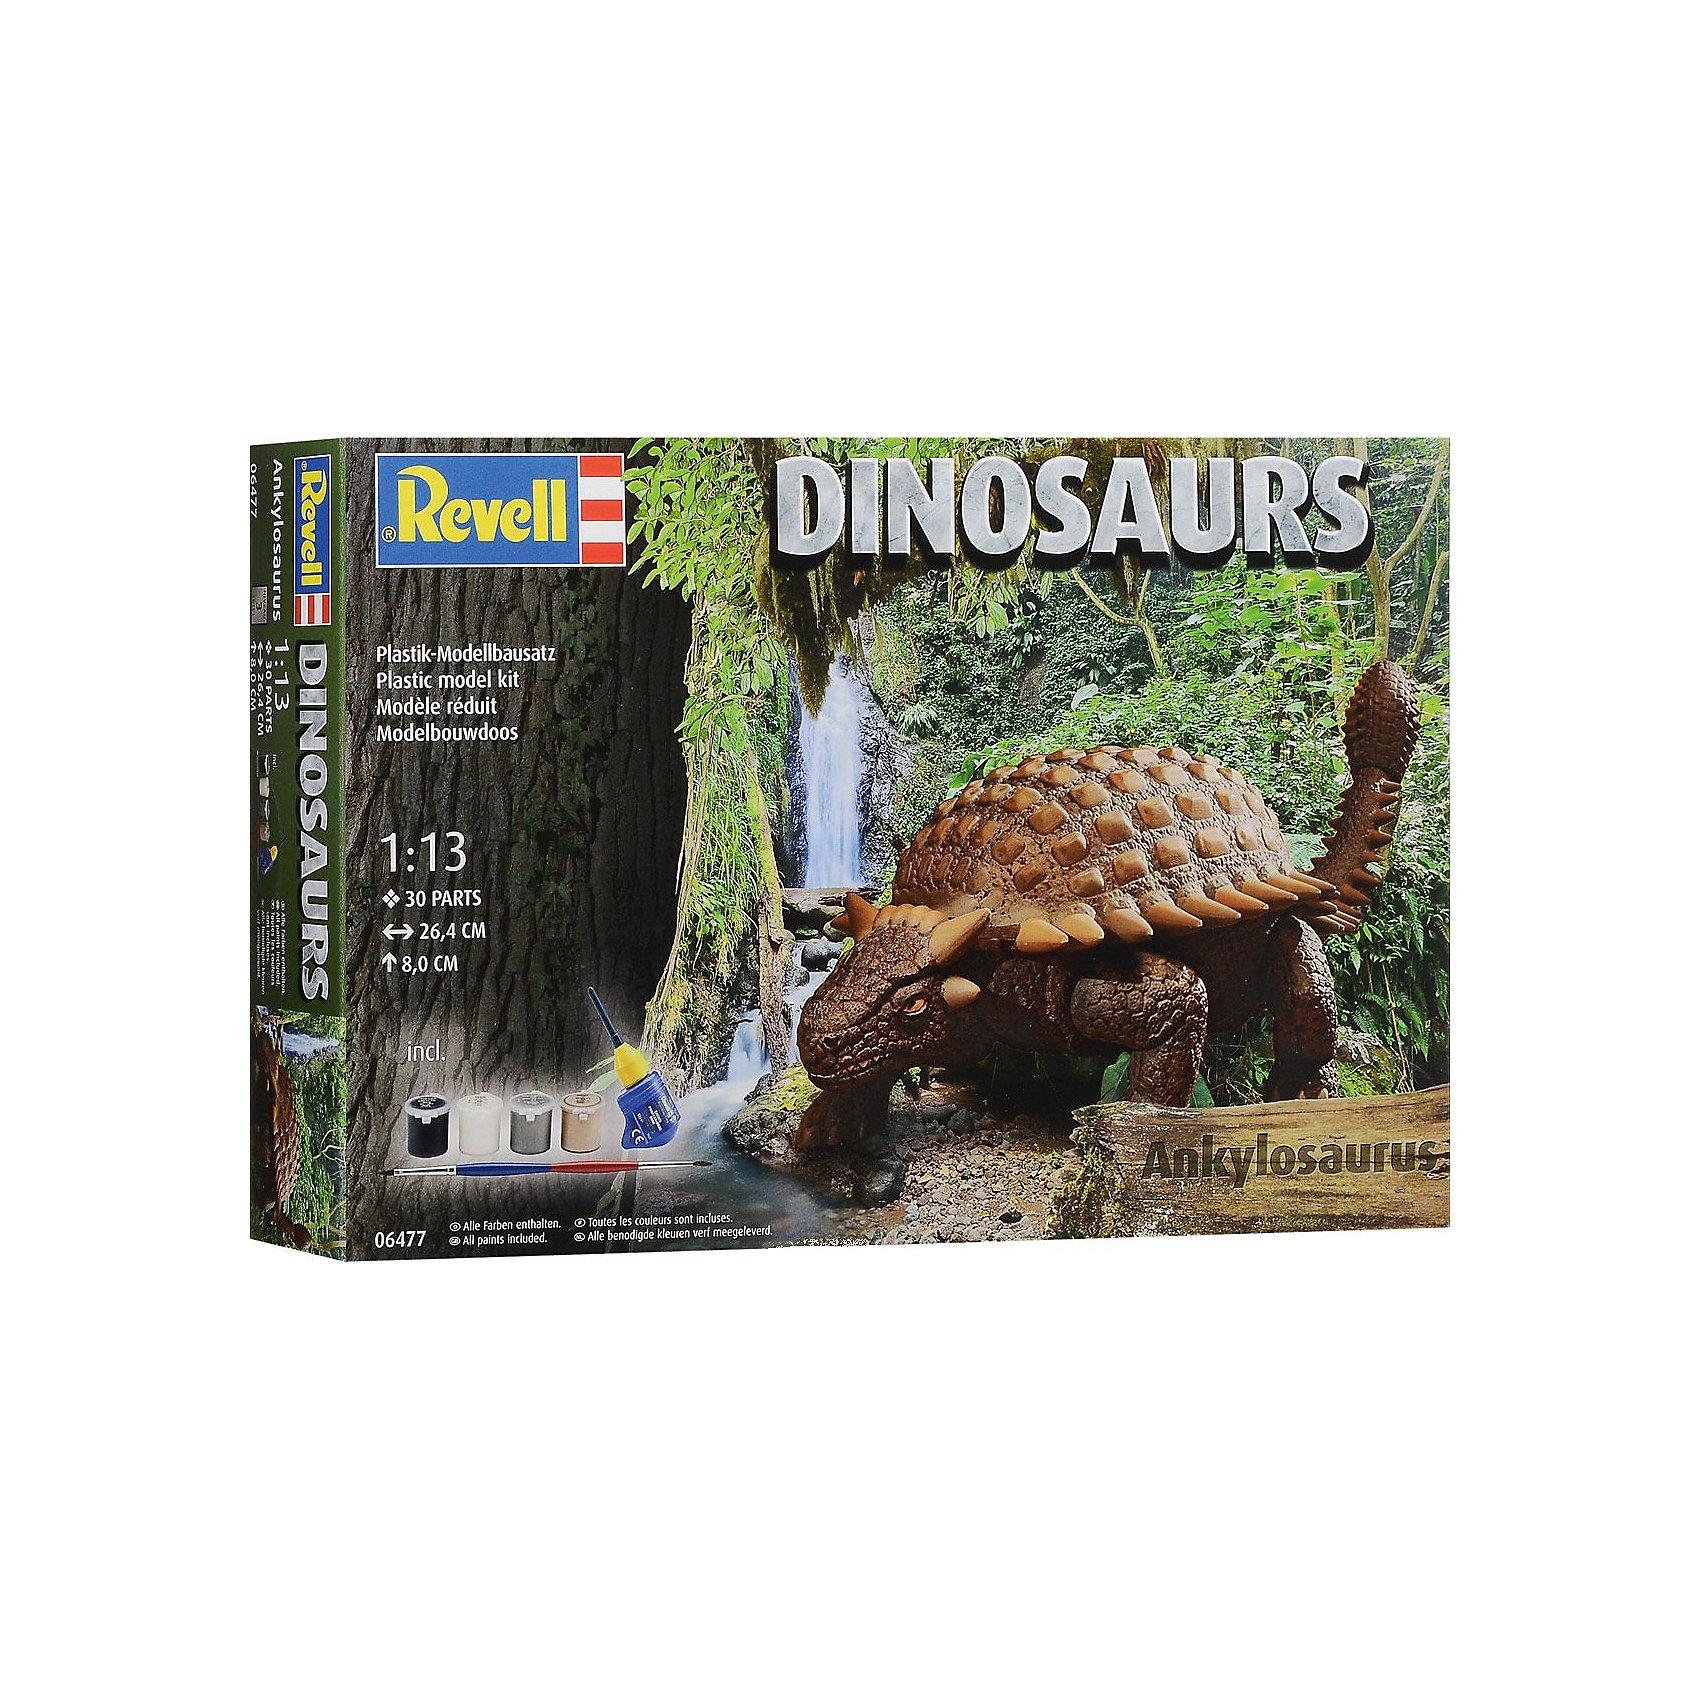 Анкилозавр, RevellДраконы и динозавры<br>Характеристики товара:<br><br>• возраст от 10 лет;<br>• материал: пластик;<br>• в комплекте: 30 деталей, 4 банки с краской, кисточка, клей;<br>• размер собранной модели 26,4х8 см;<br>• масштаб 1:13;<br>• размер упаковки 24,8х38,6х6,7 см;<br>• вес упаковки 520 гр.;<br>• страна производитель: Польша.<br><br>Сборная модель «Анкилозавр» Revell позволит познакомиться с миром доисторических обитателей нашей планеты и собрать модель Анкилозавра. Все детали легко соединяются между собой без дополнительных инструментов, для прочности они склеиваются между собой. Готовую модель детям предстоит самостоятельно раскрасить акриловыми красками. Такое занятие не только увлечет ребенка, но и способствует развитию моторики рук, логического мышления, усидчивости.<br><br>Анкилозавра Revell можно приобрести в нашем интернет-магазине.<br><br>Ширина мм: 392<br>Глубина мм: 248<br>Высота мм: 76<br>Вес г: 453<br>Возраст от месяцев: 120<br>Возраст до месяцев: 180<br>Пол: Мужской<br>Возраст: Детский<br>SKU: 4150241